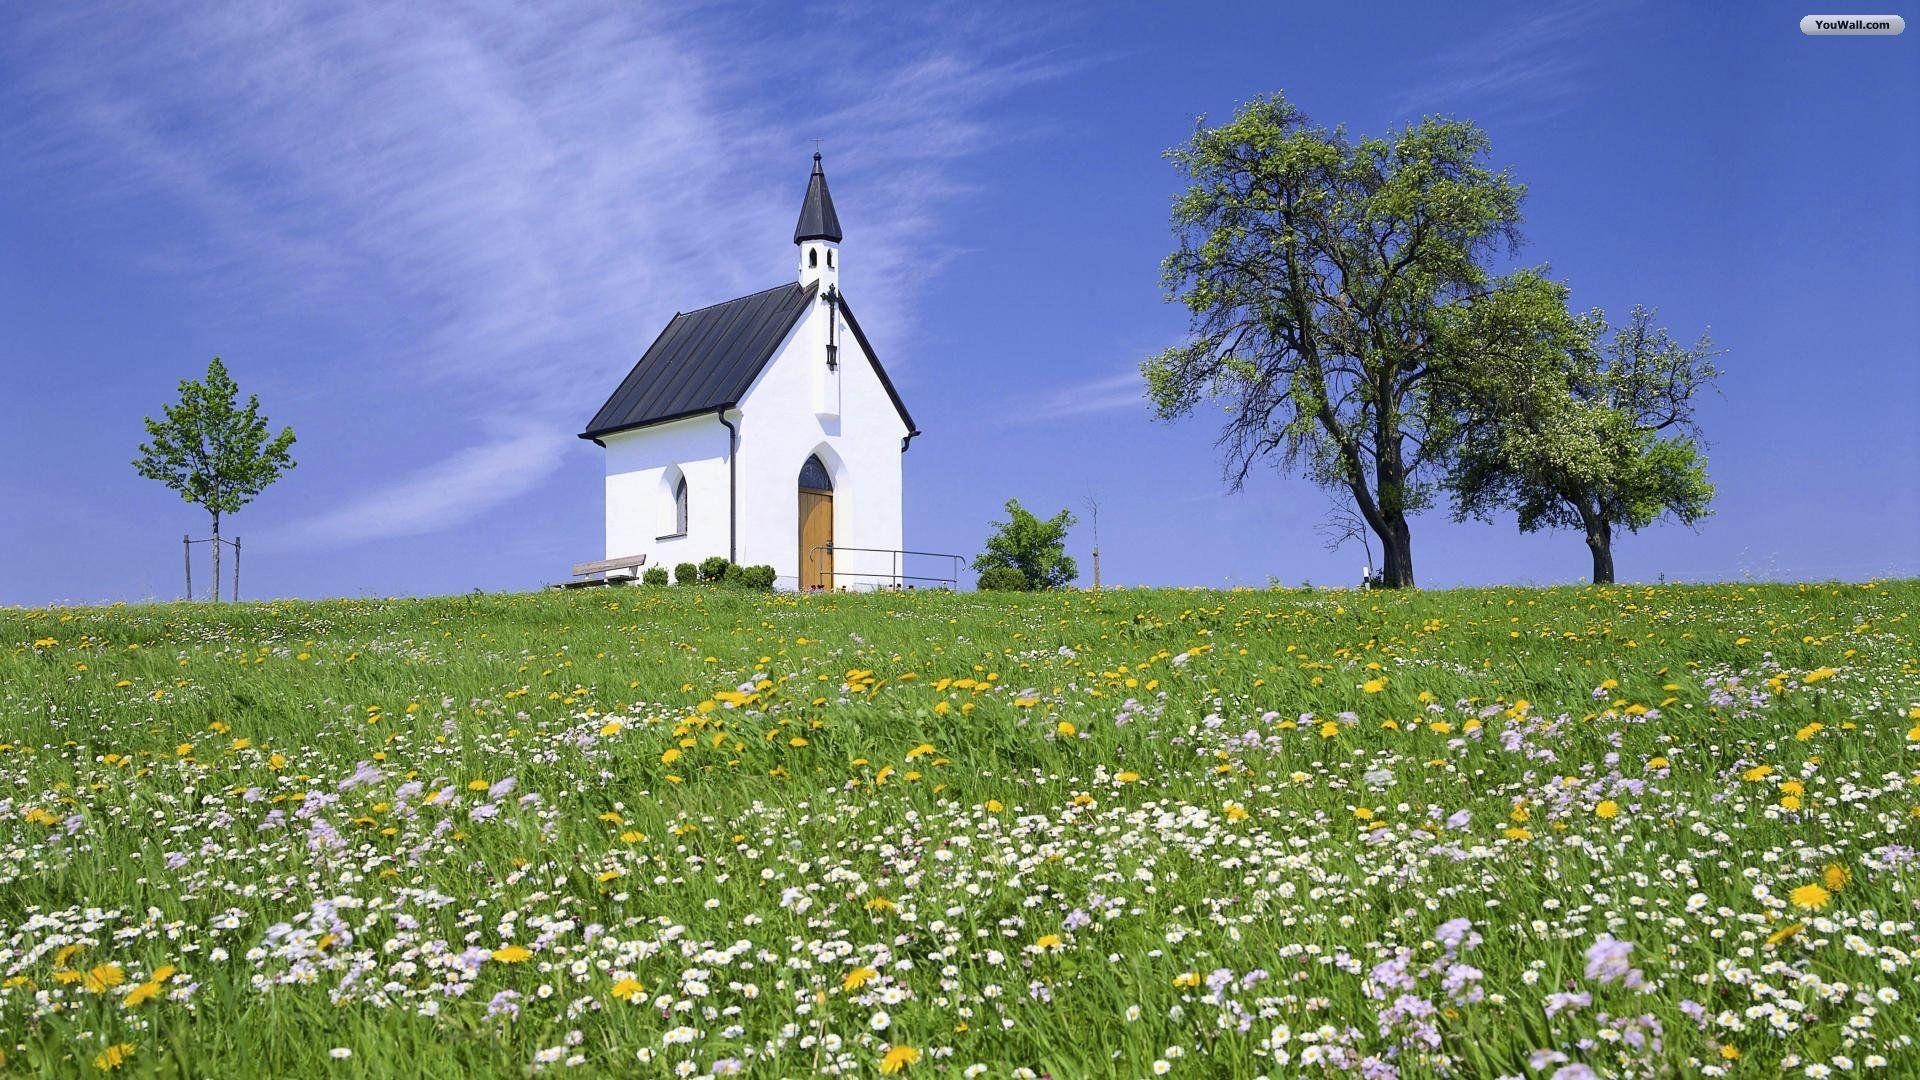 Small Church Wallpaper Country Church Church Old Churches